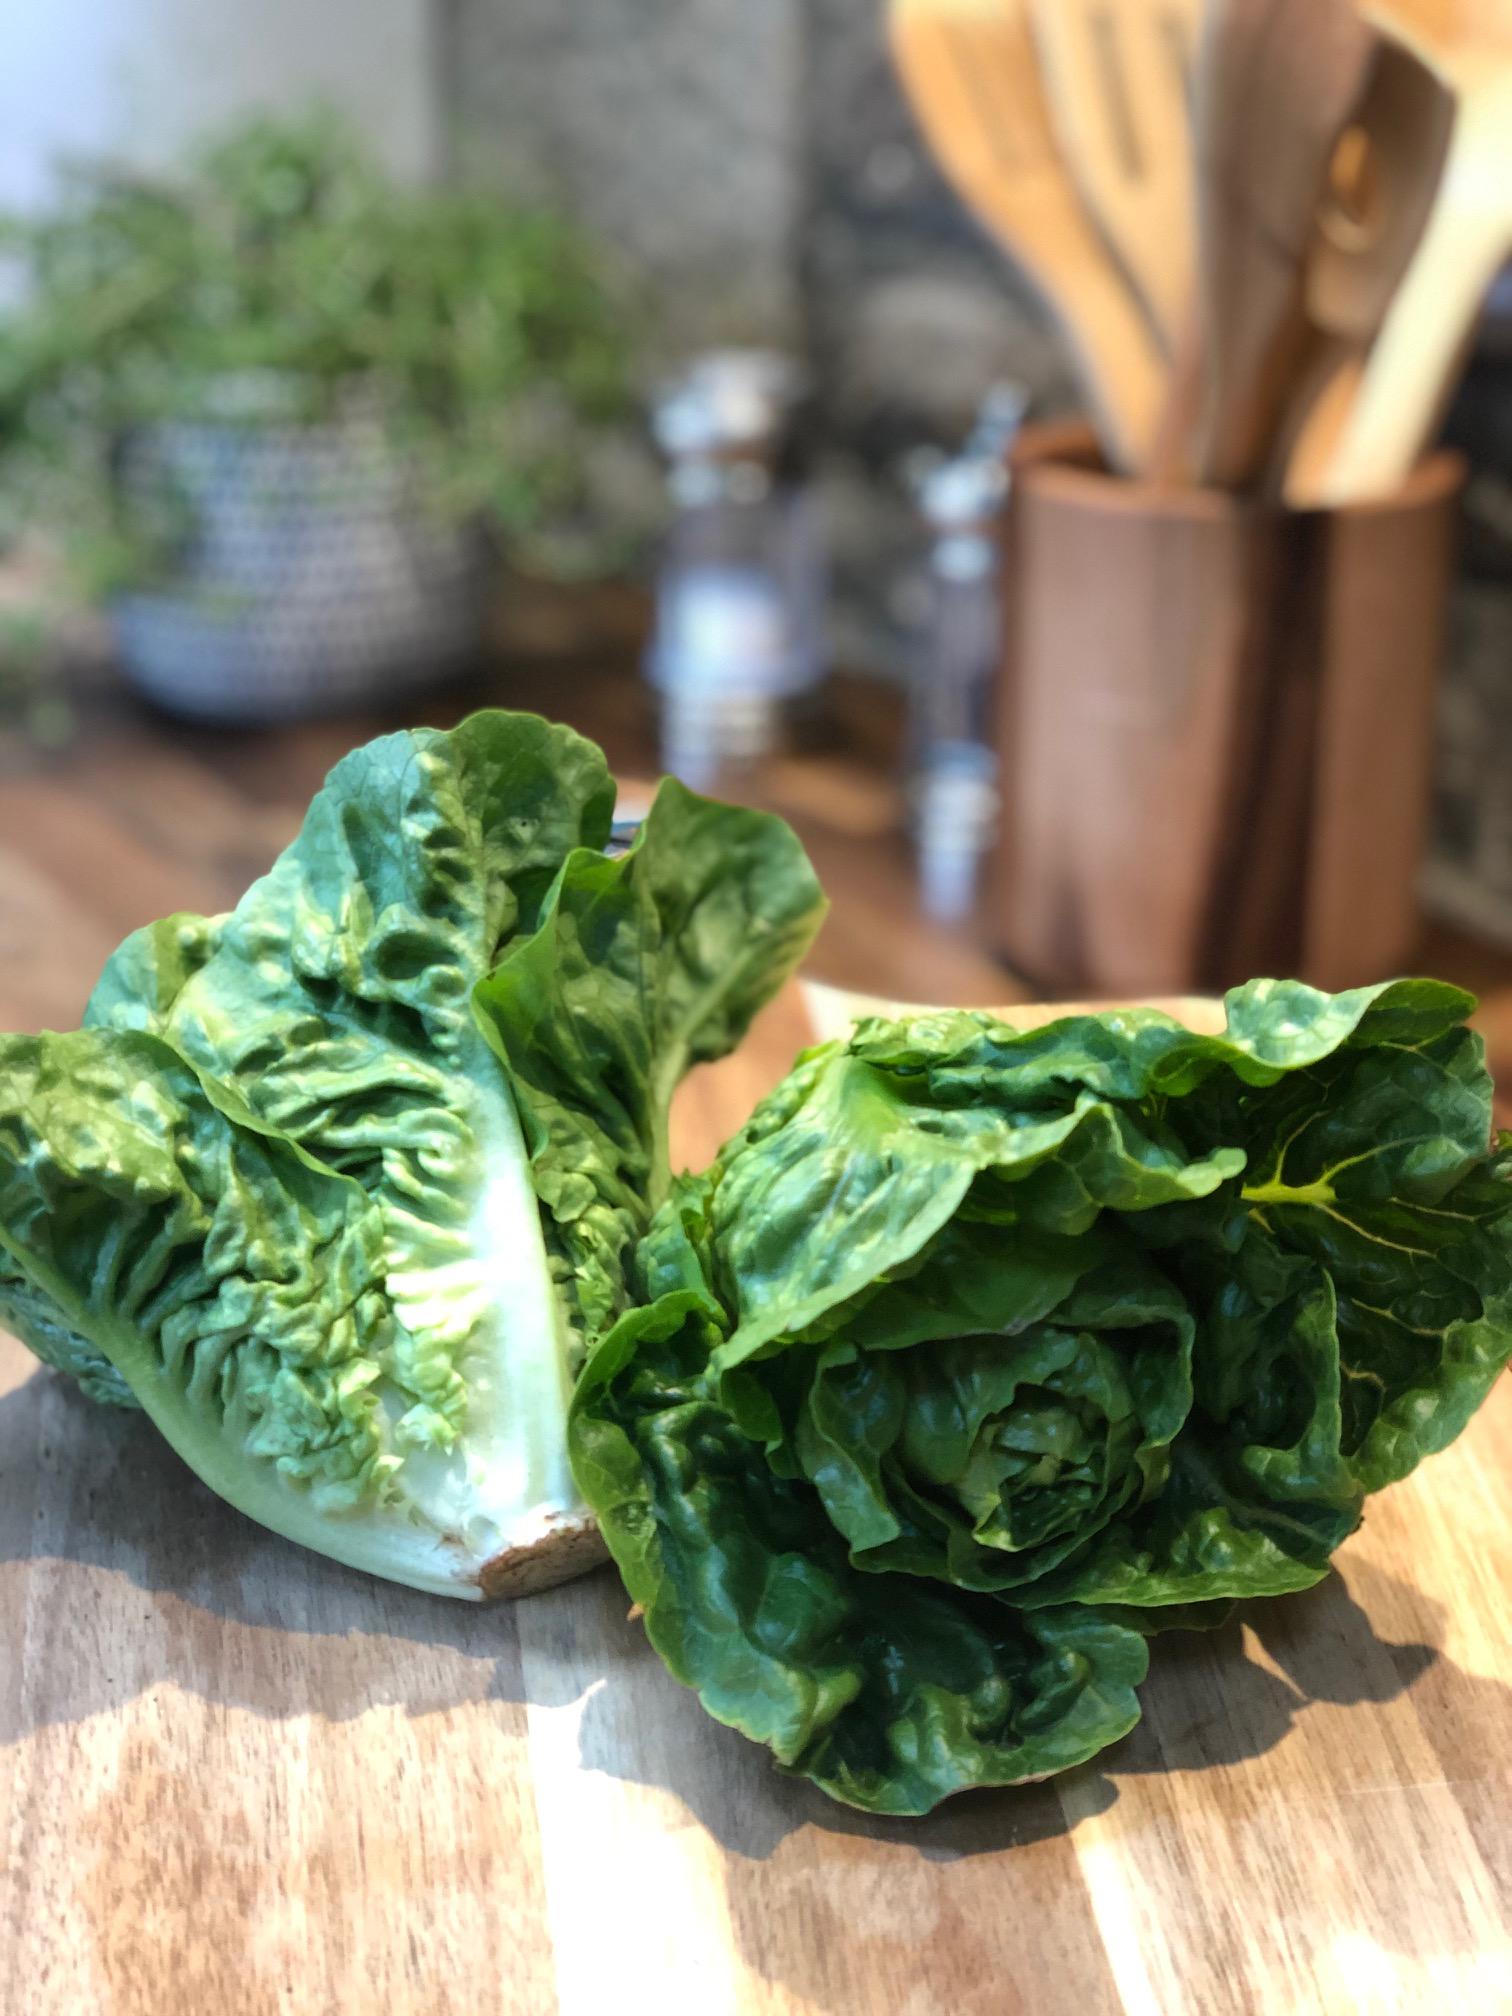 Salad - Little Gem Lettuce